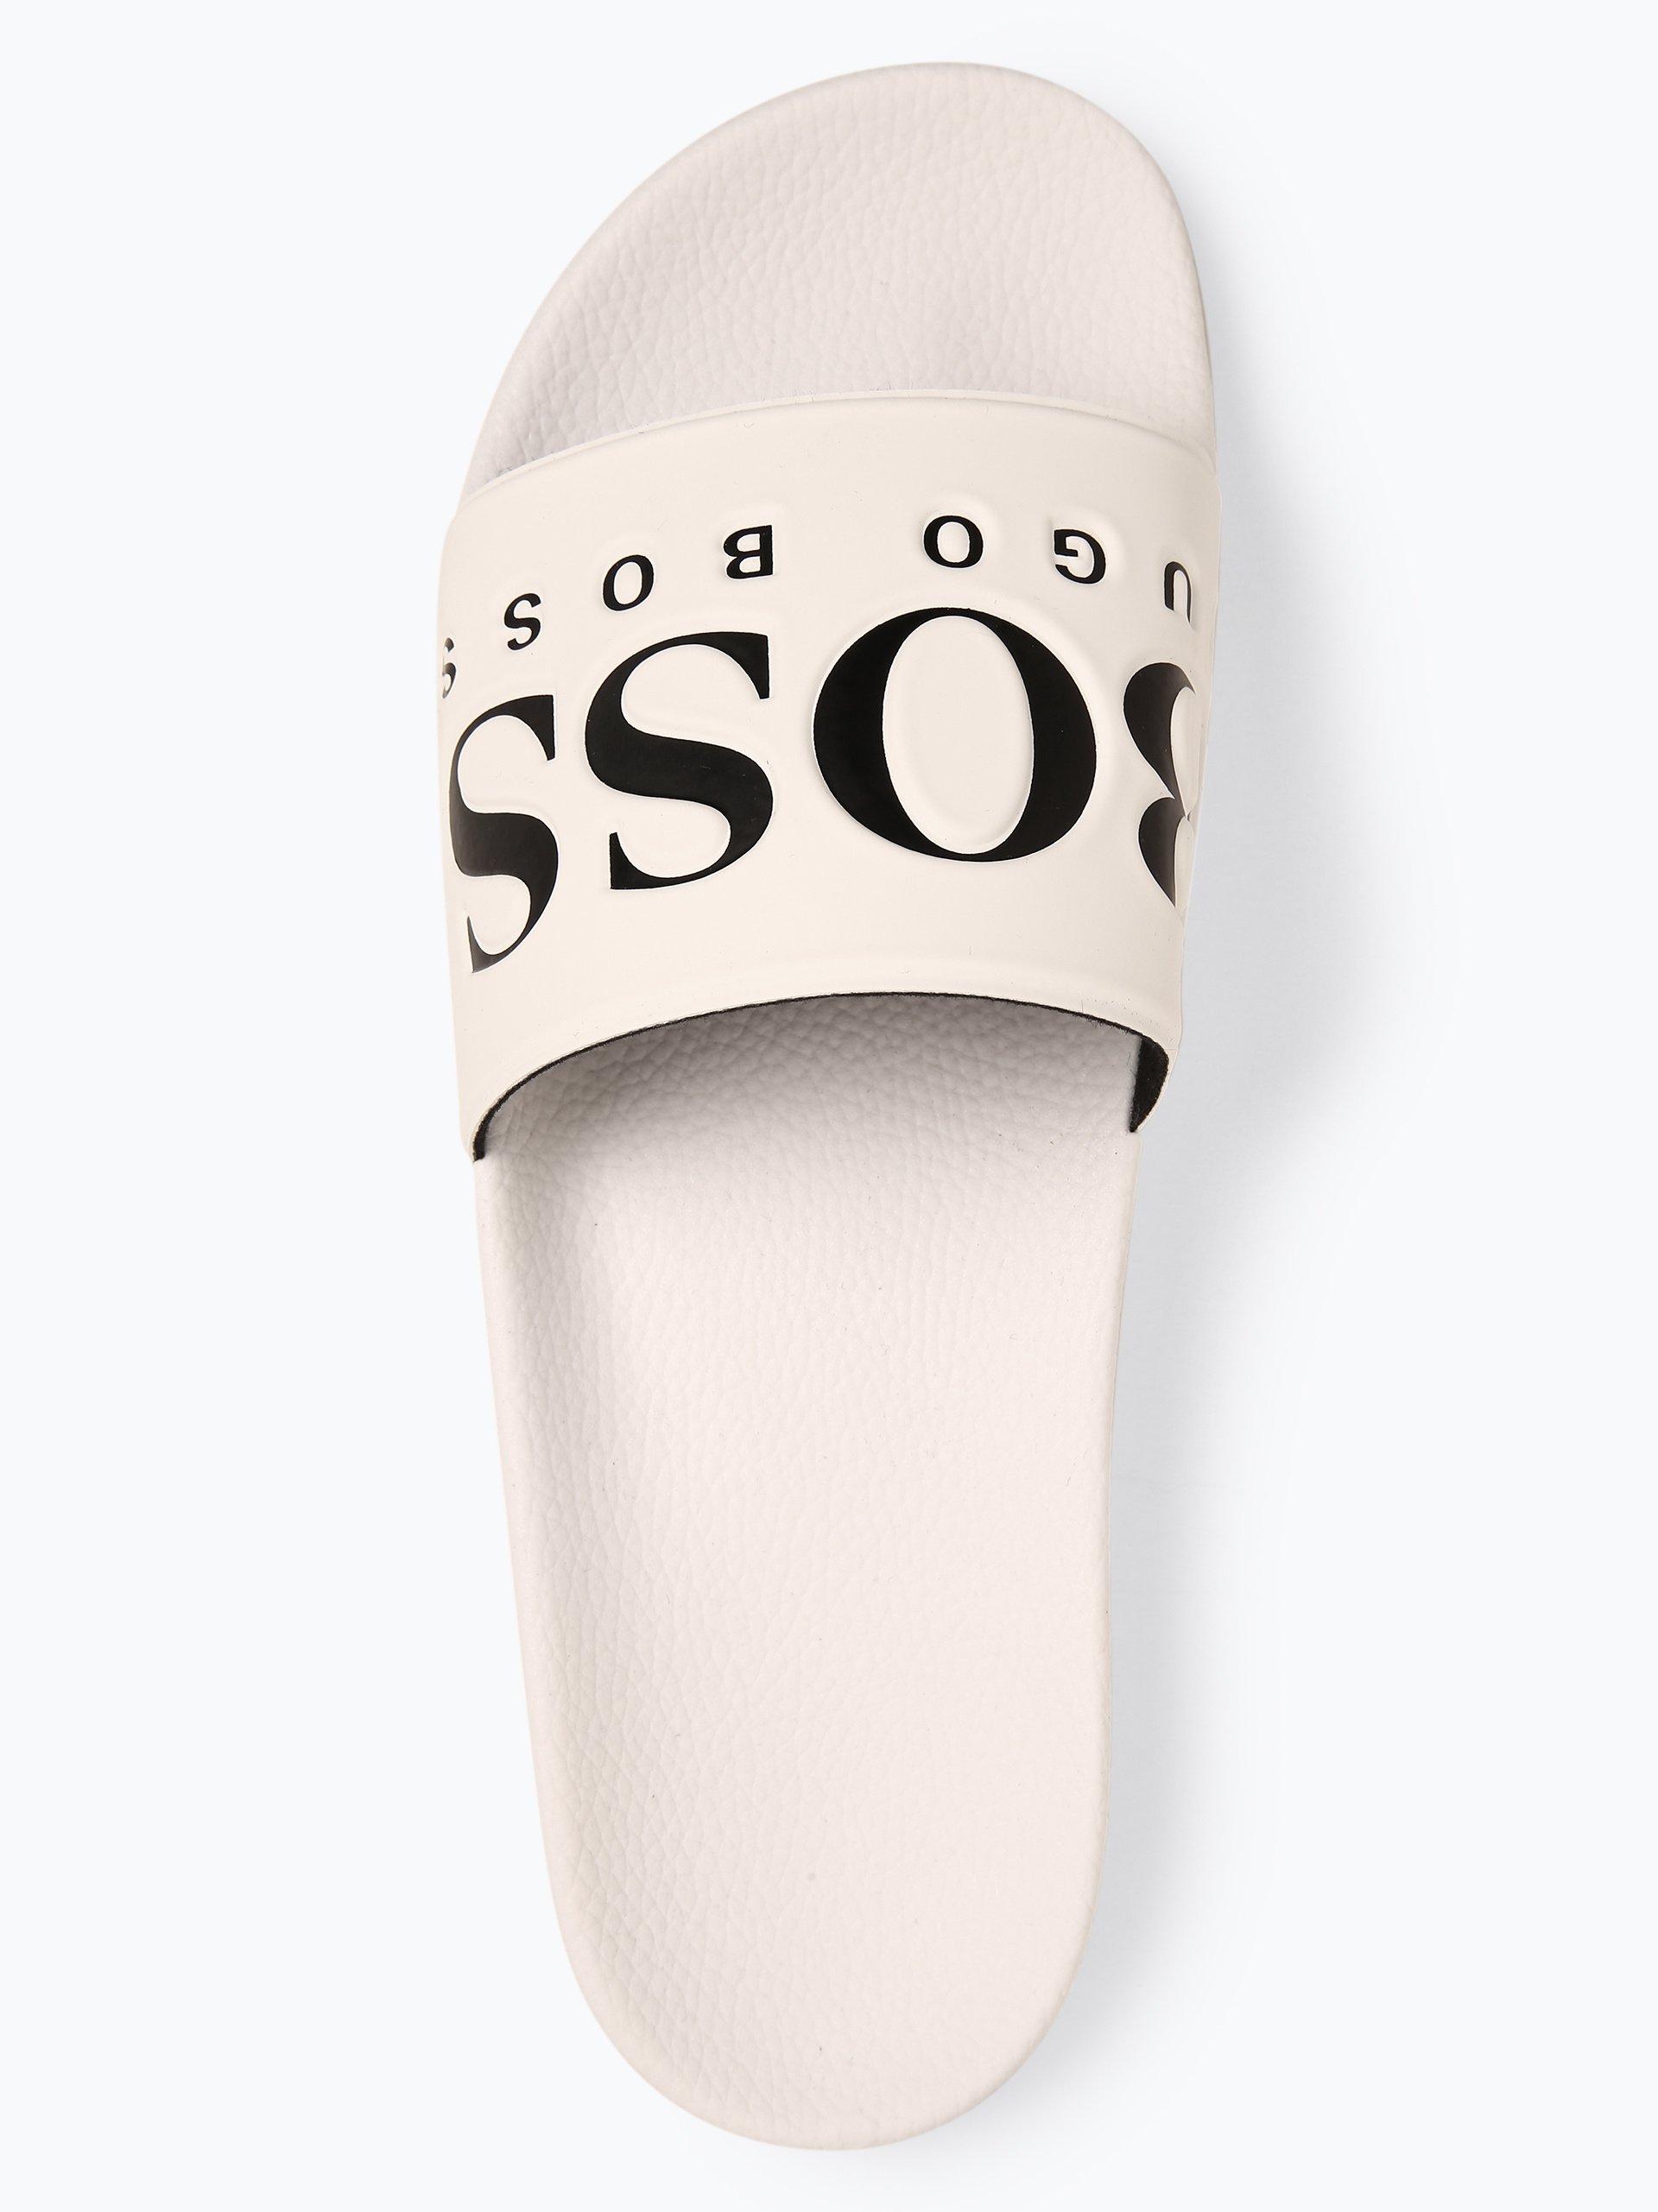 BOSS Athleisure Herren Badeschuhe - Solar_Slid_logo